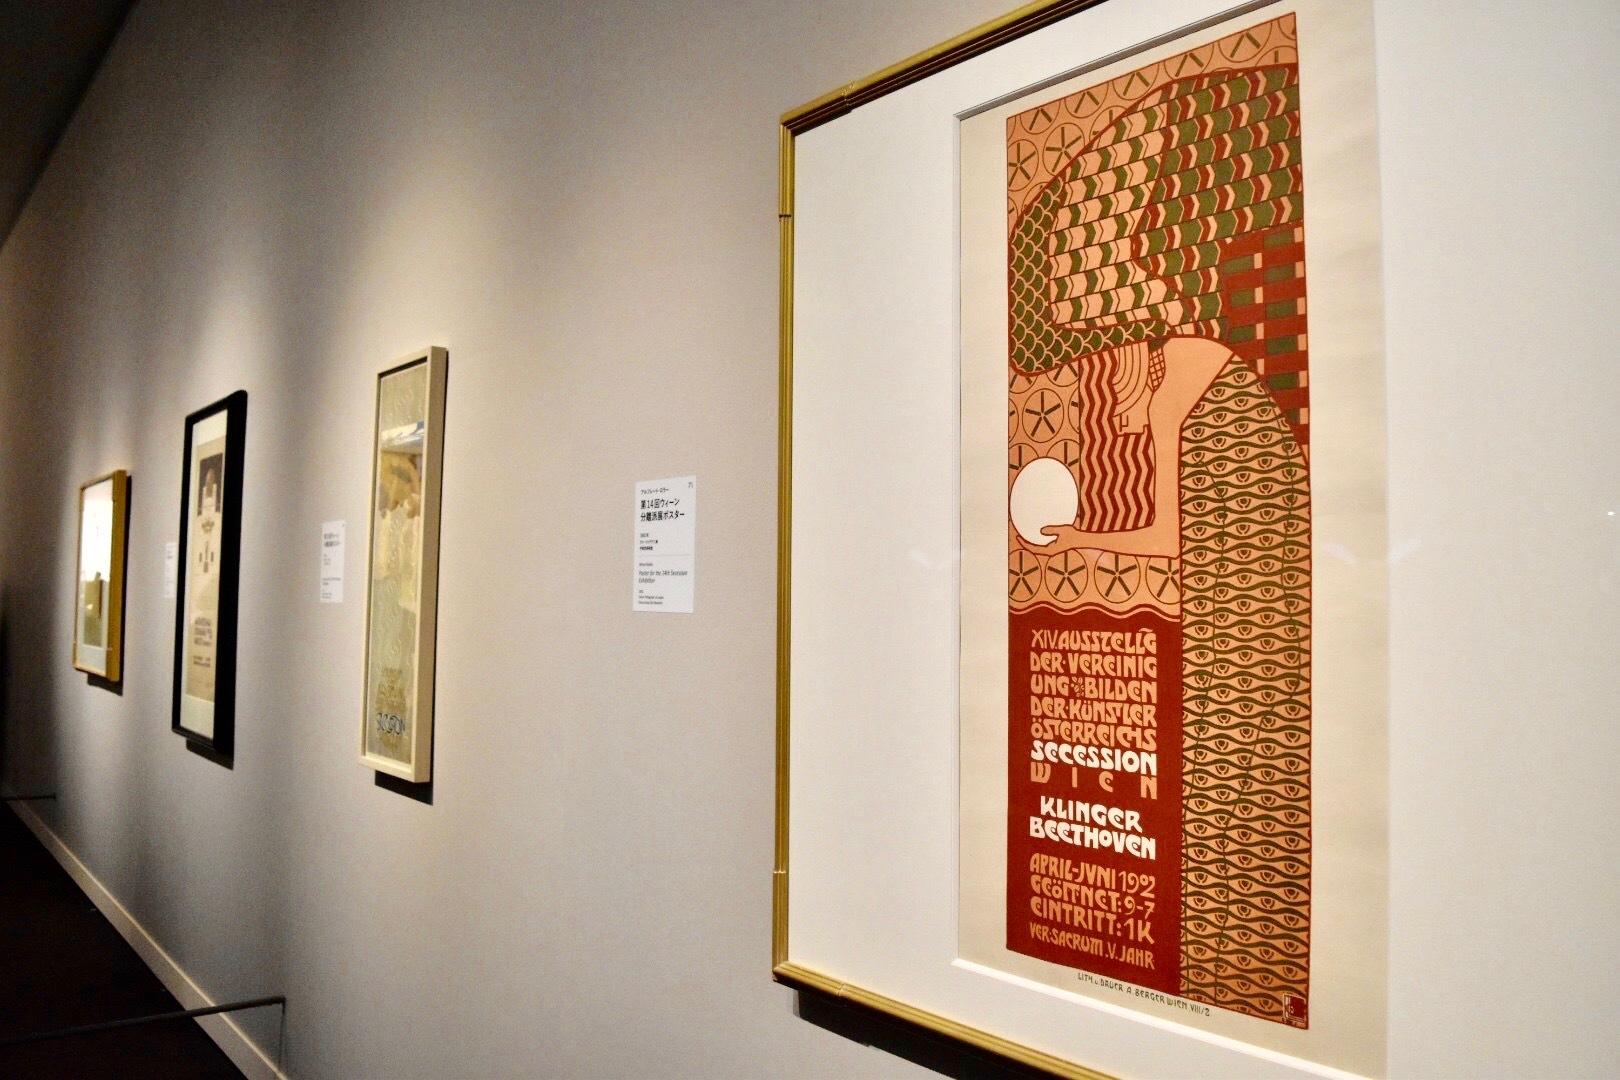 アルフレート・ロラー 《第14回ウィーン分離派展ポスター》 1902年 宇都宮美術館蔵